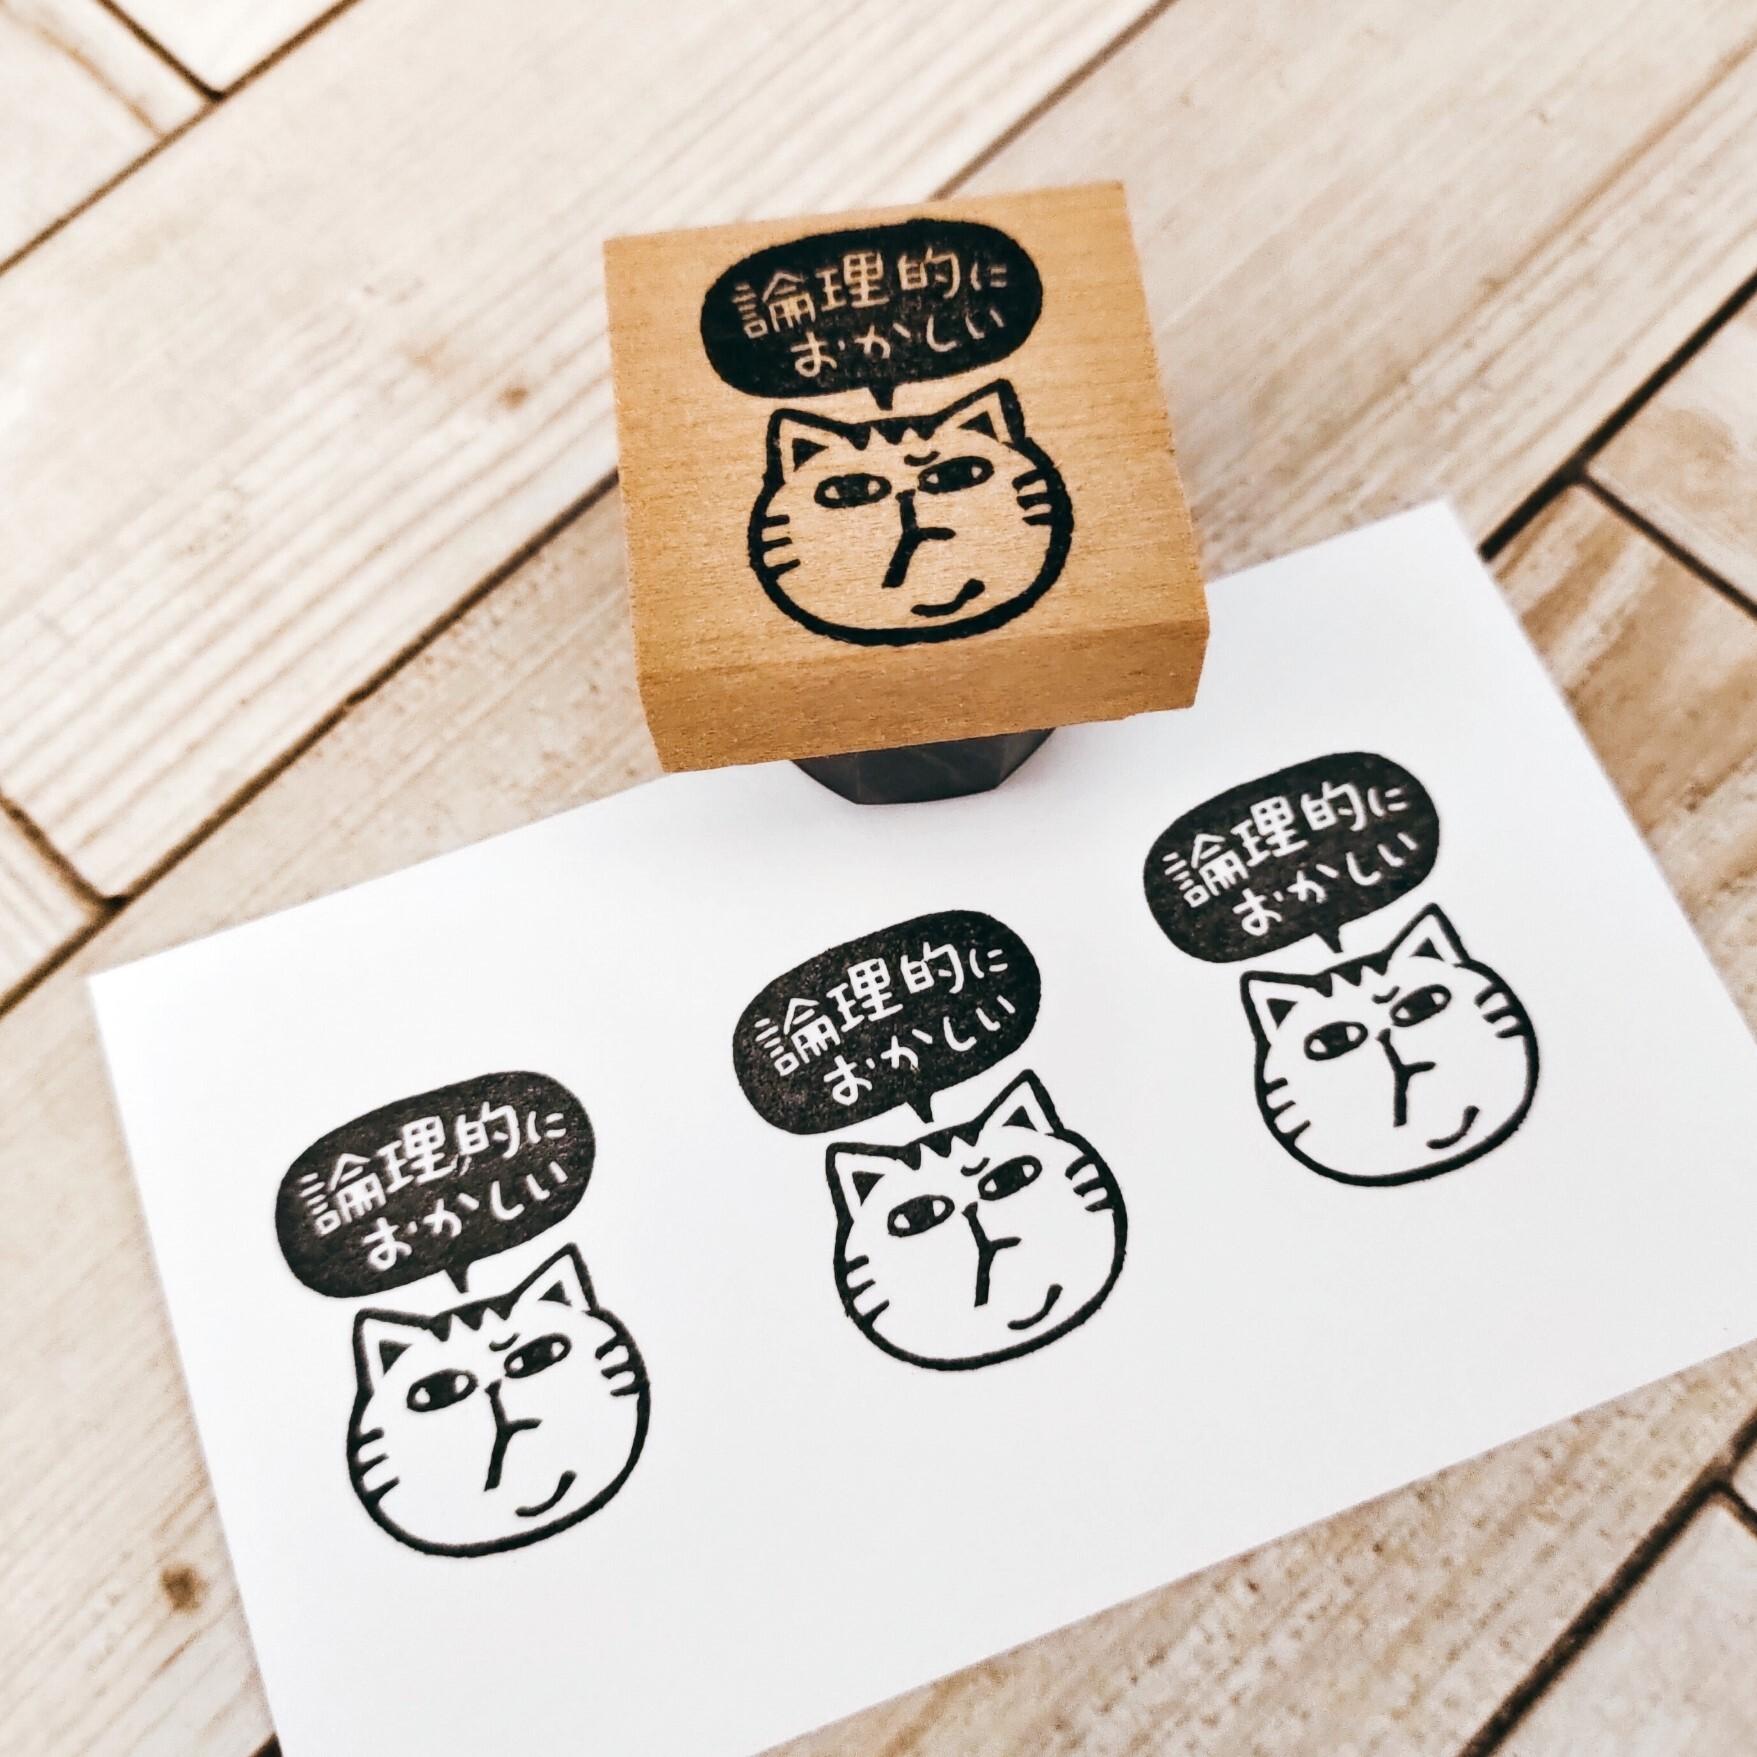 関西弁ネコ「論理的におかしい」